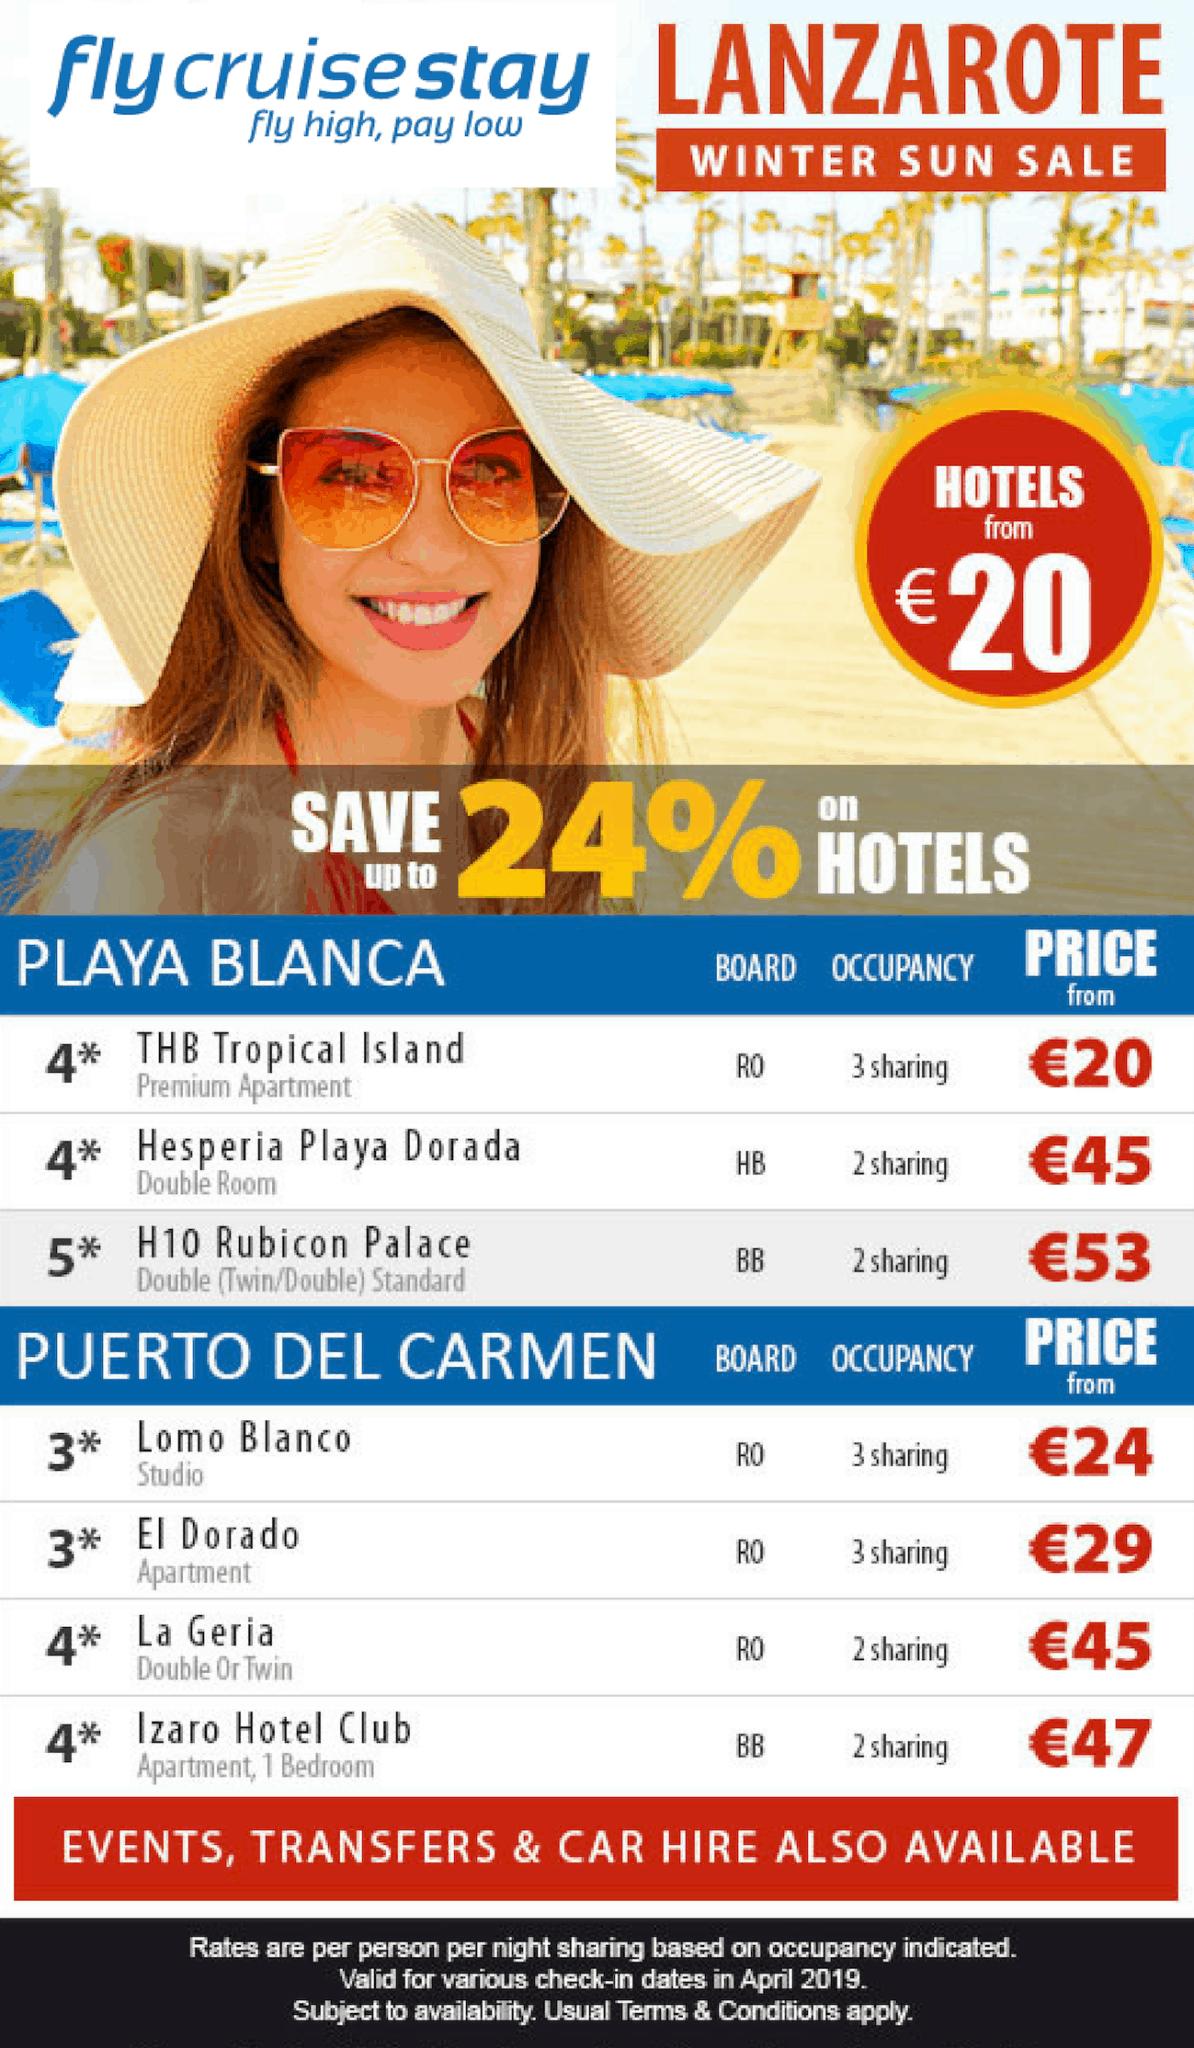 Lanzarote Hotel Deals